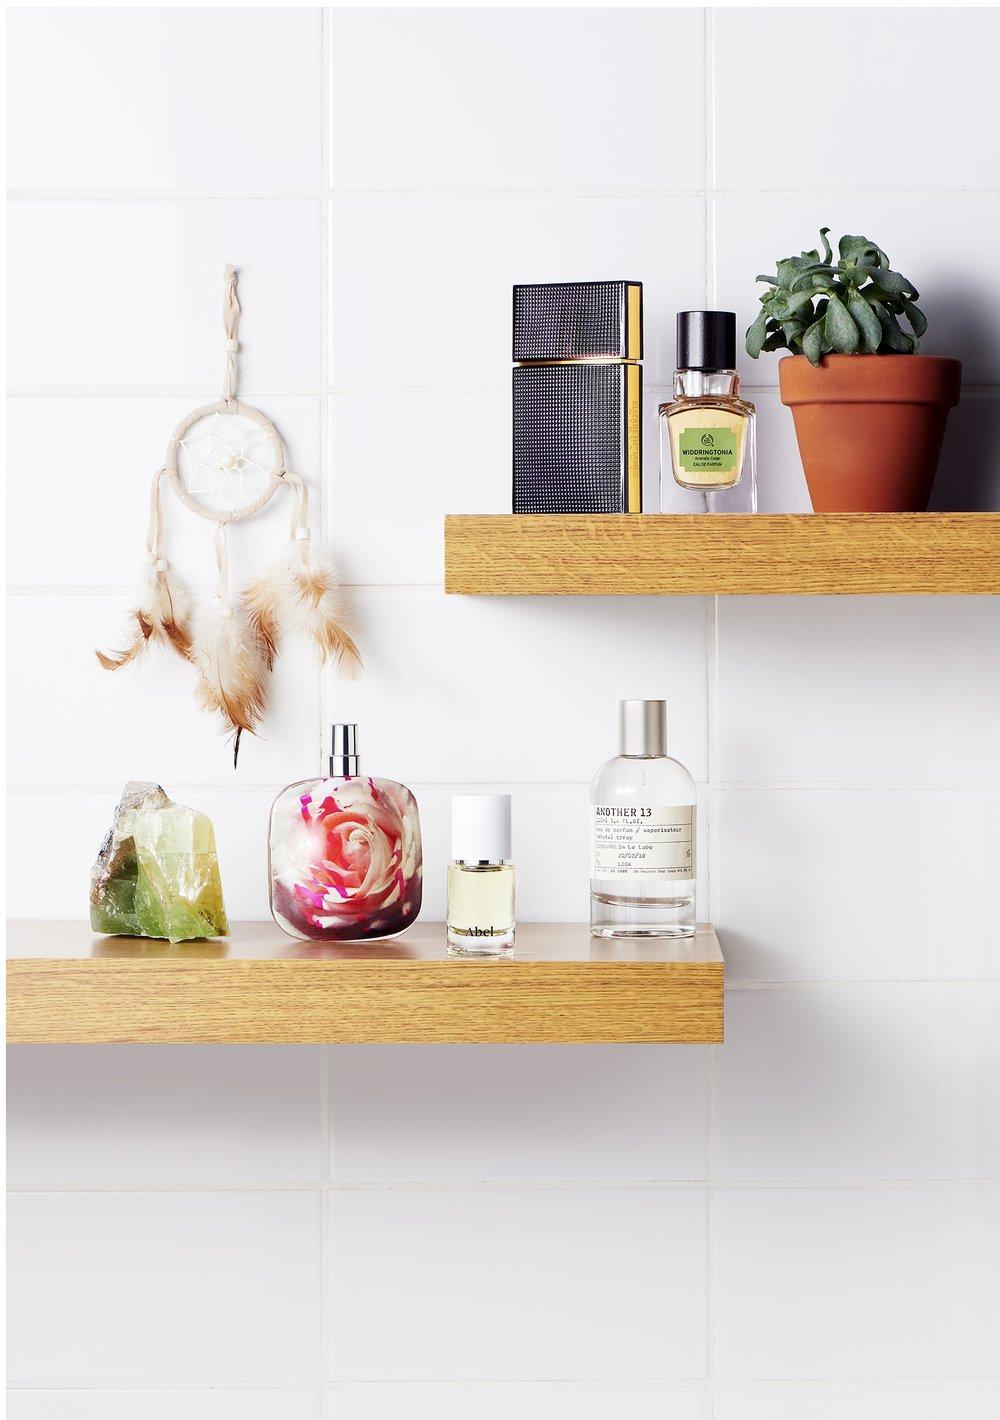 Look-perfumes-tiles insta.jpg